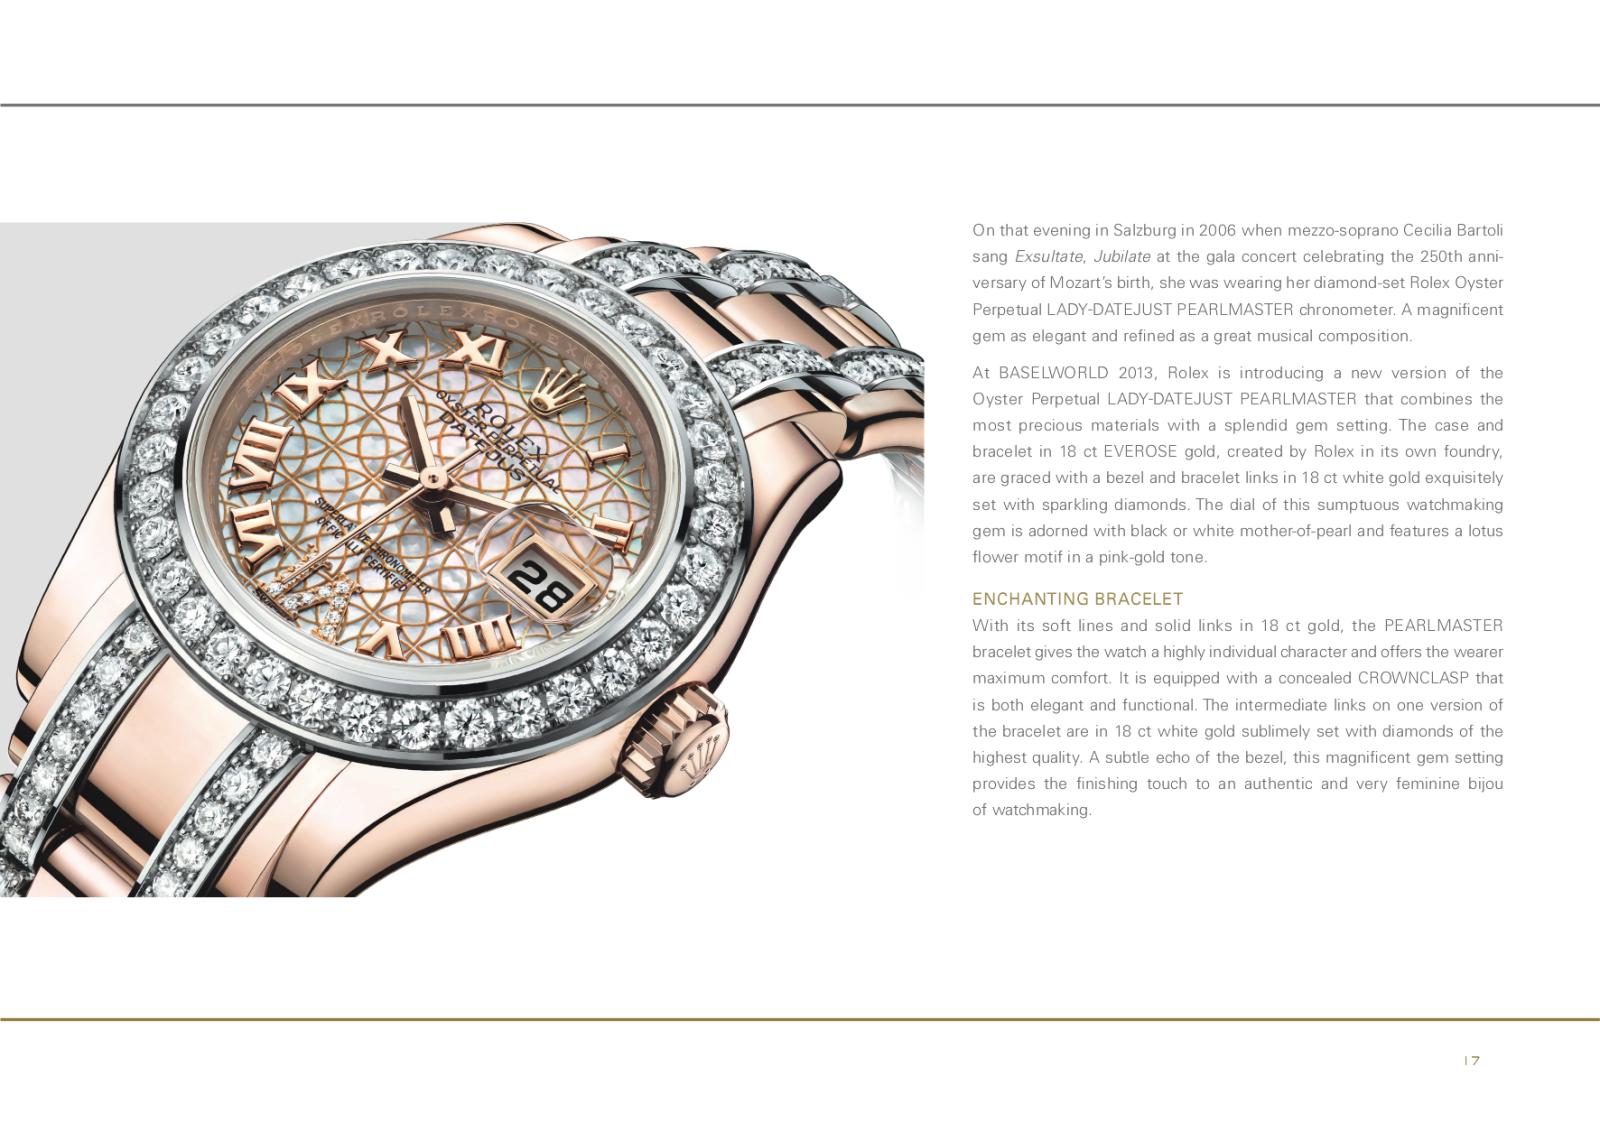 Baselworld 2013: Rolex 2ym672c